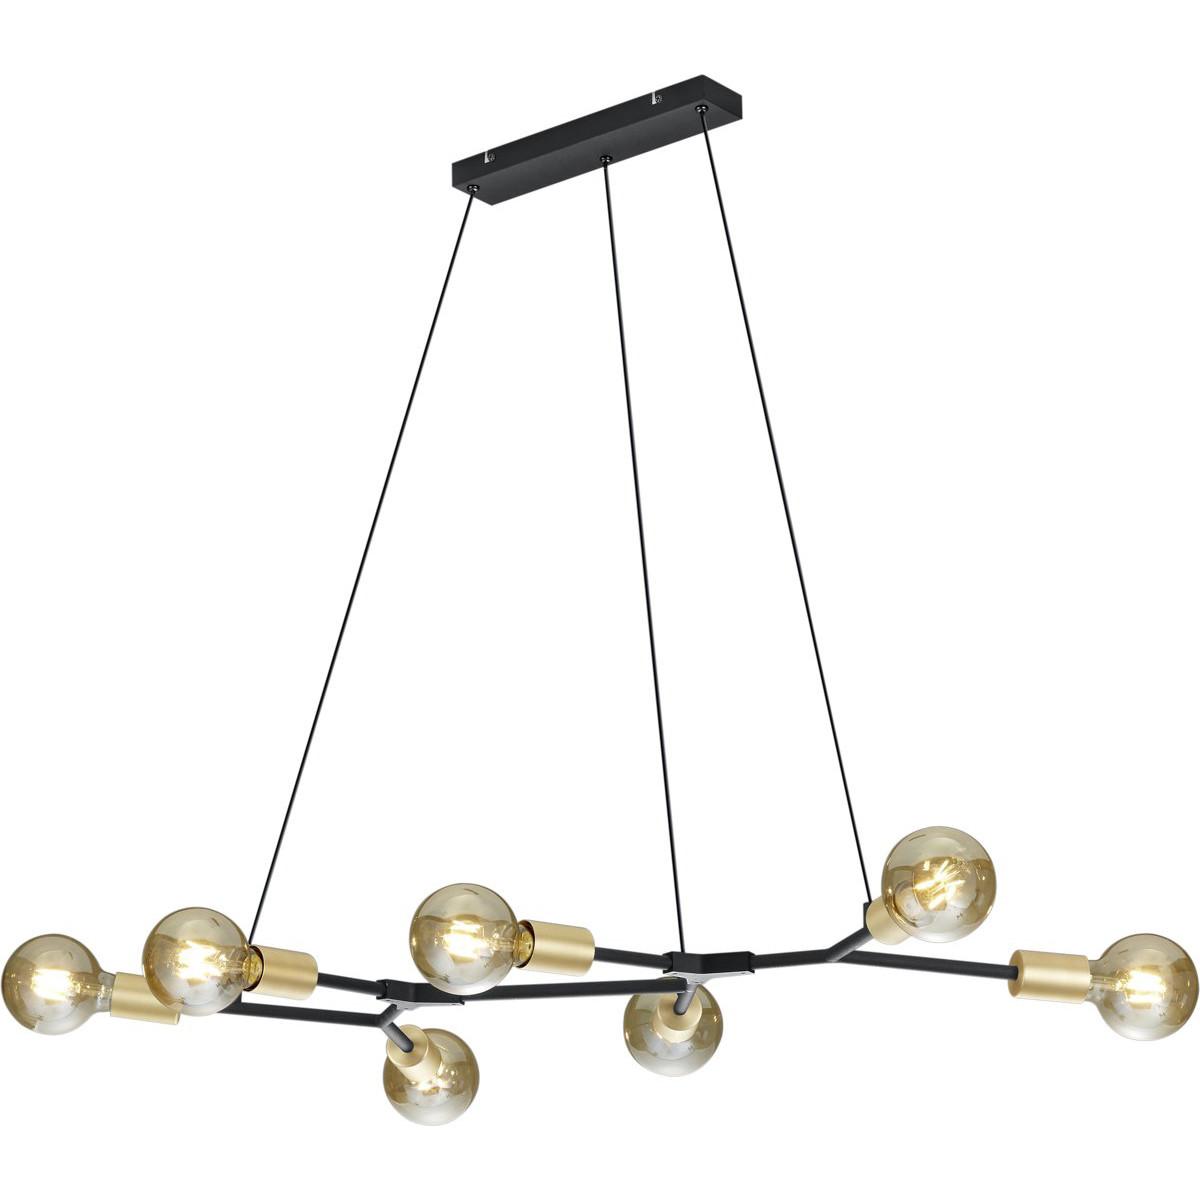 LED Hanglamp - Trion Ross - E27 Fitting - 7-lichts - Rechthoek - Mat Zwart - Aluminium